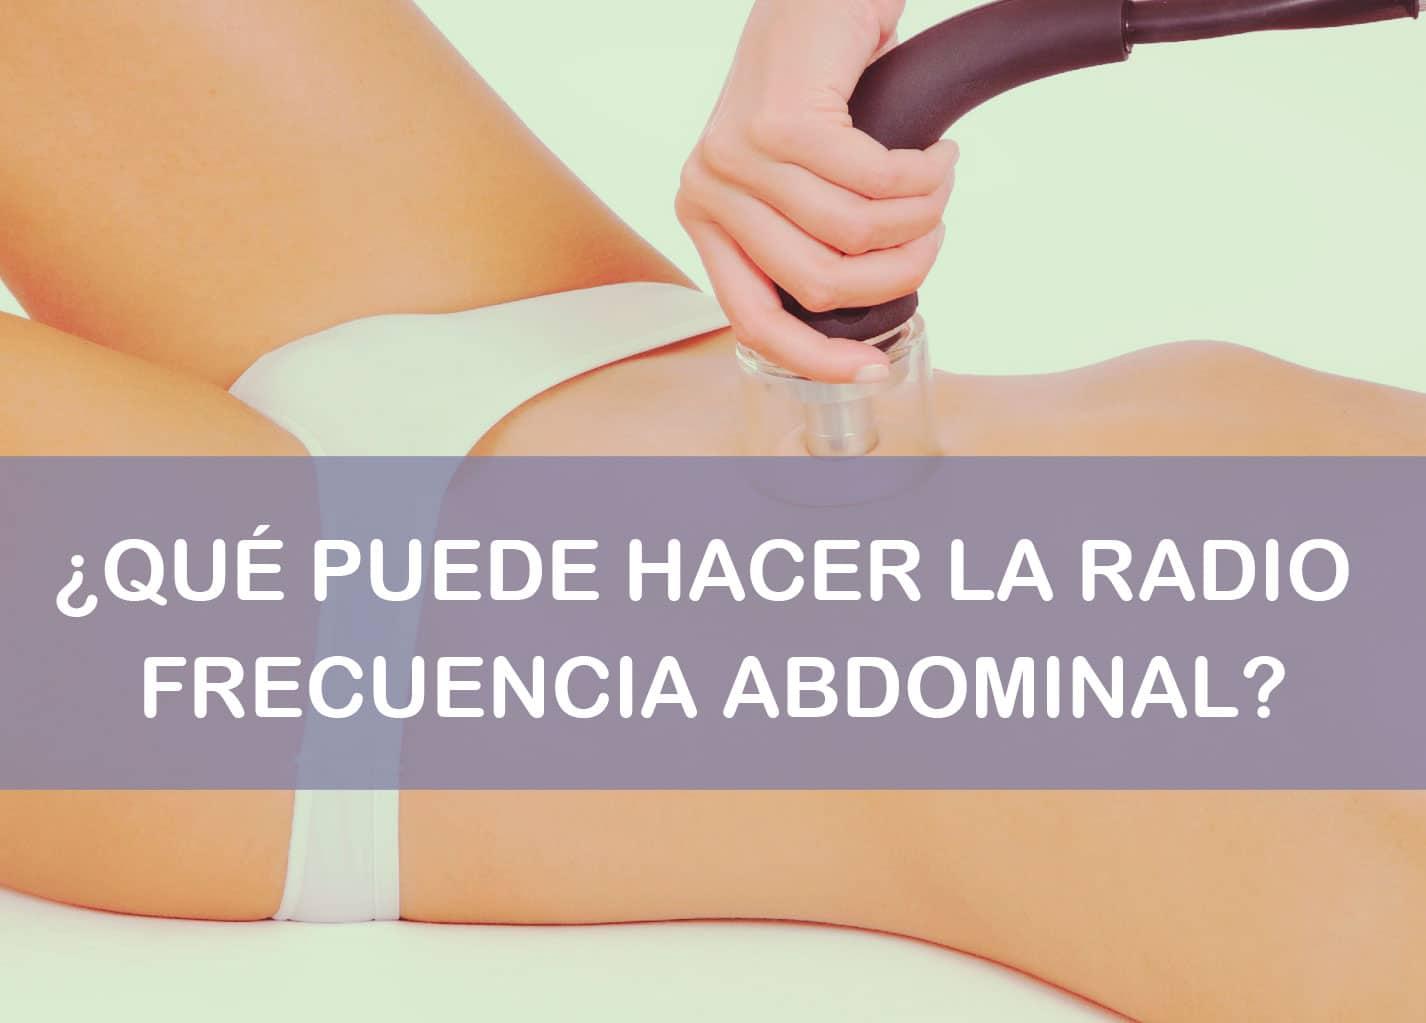 Qué hace la radiofrecuencia abdominal